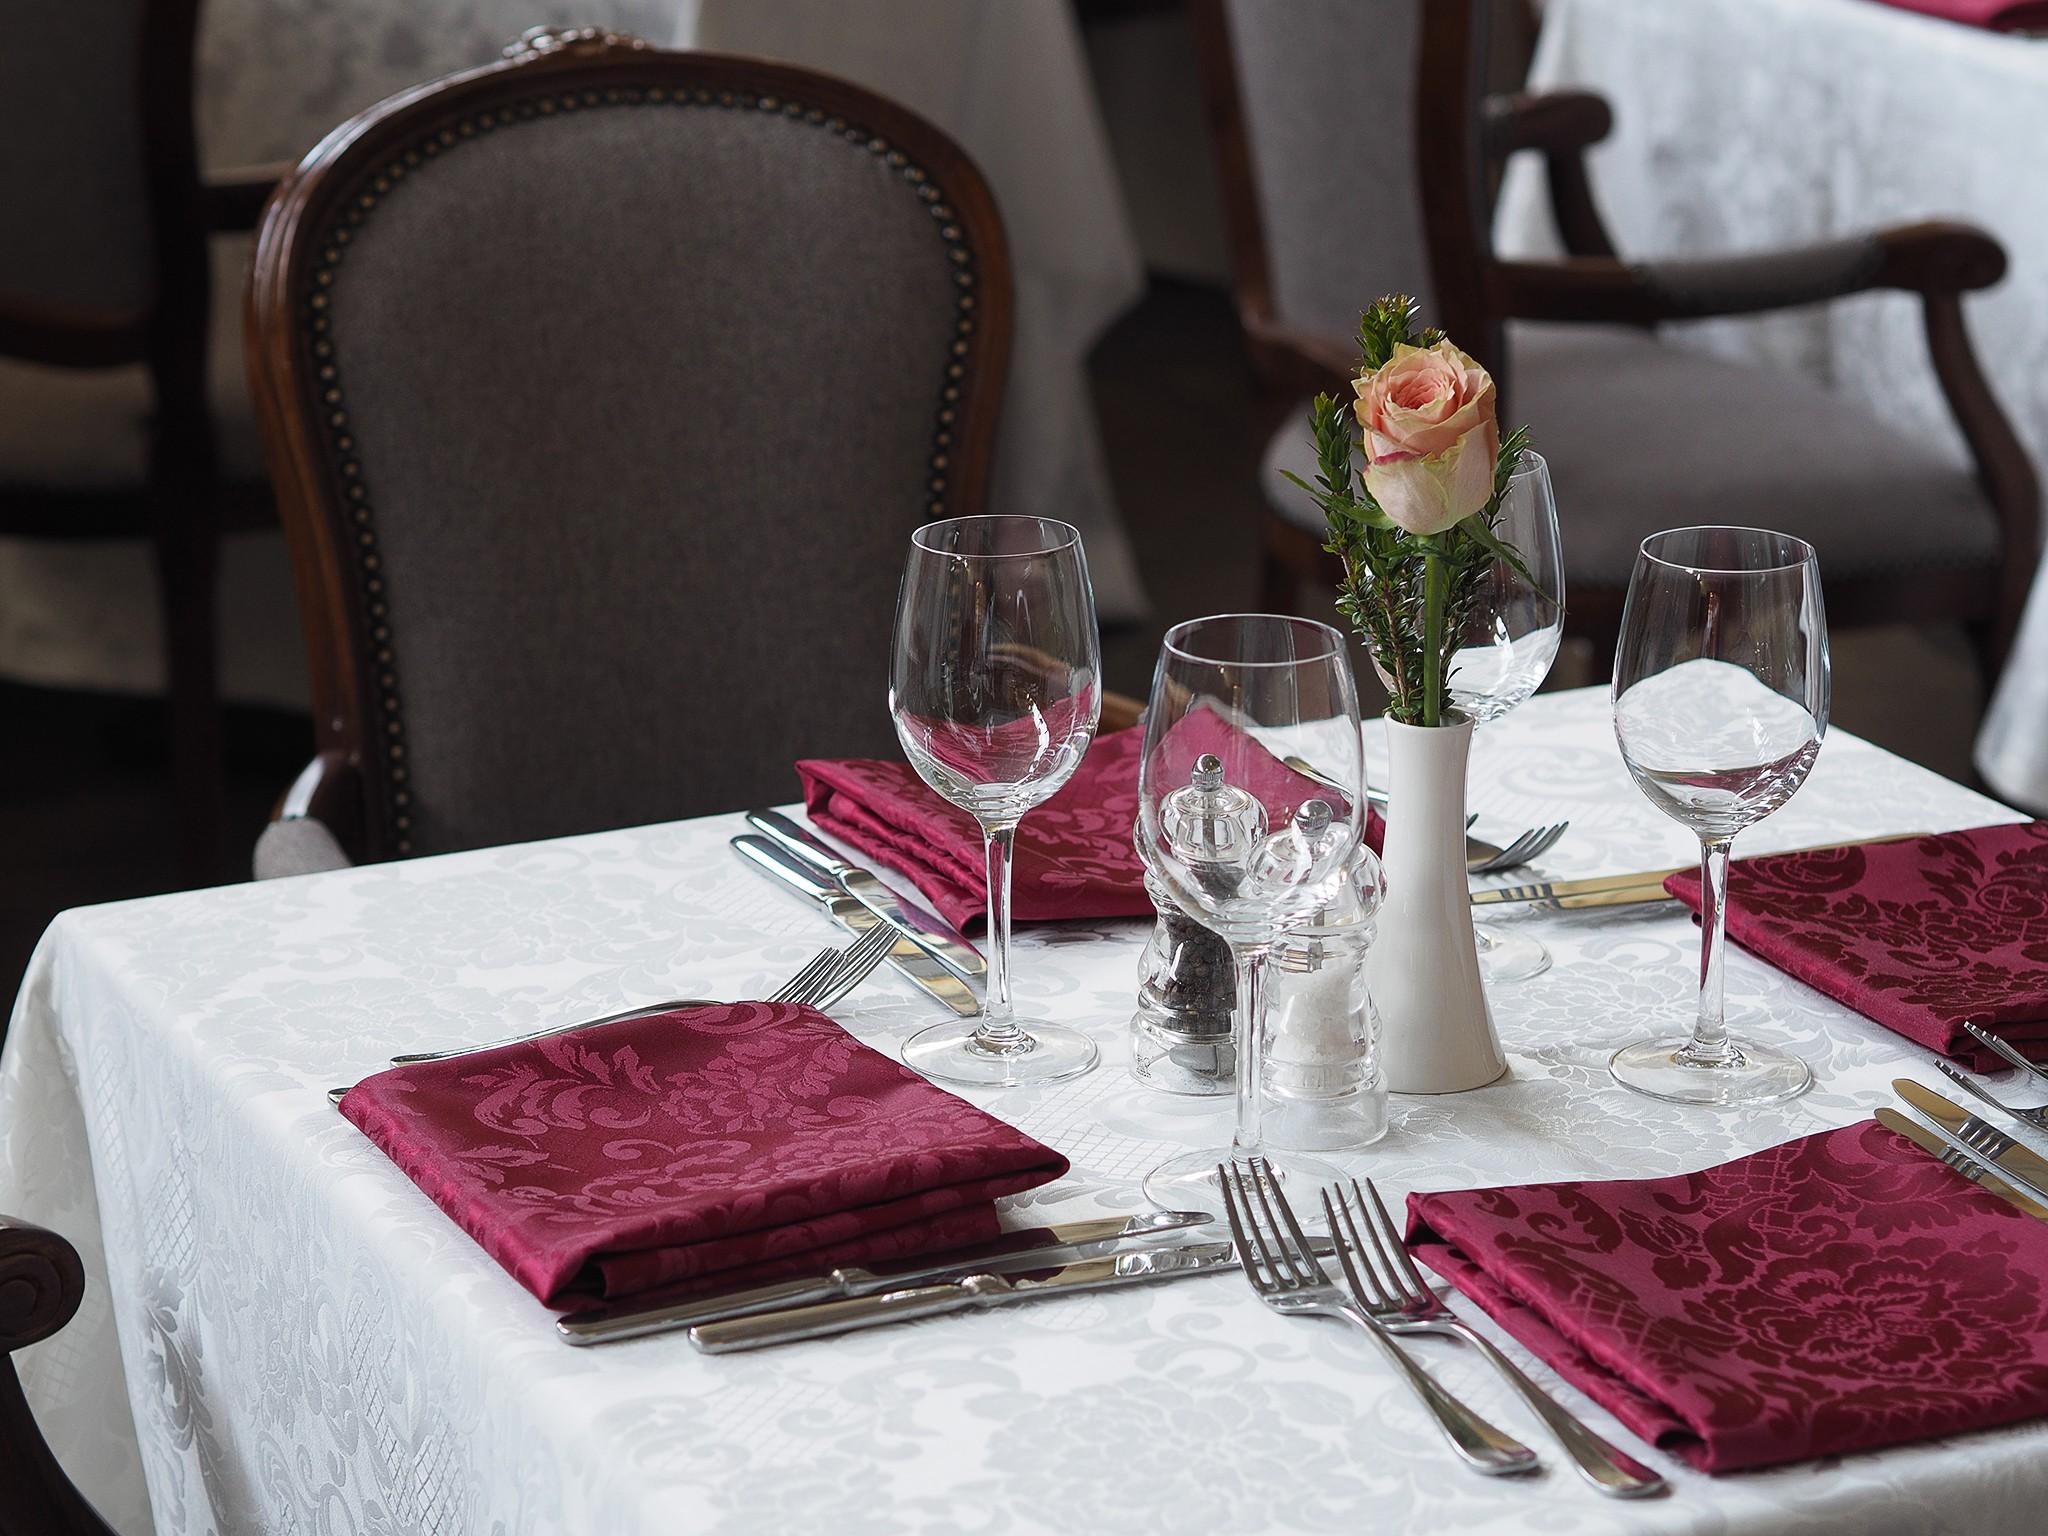 🍽 Интерьер банкетного зала ресторана. Фотографии